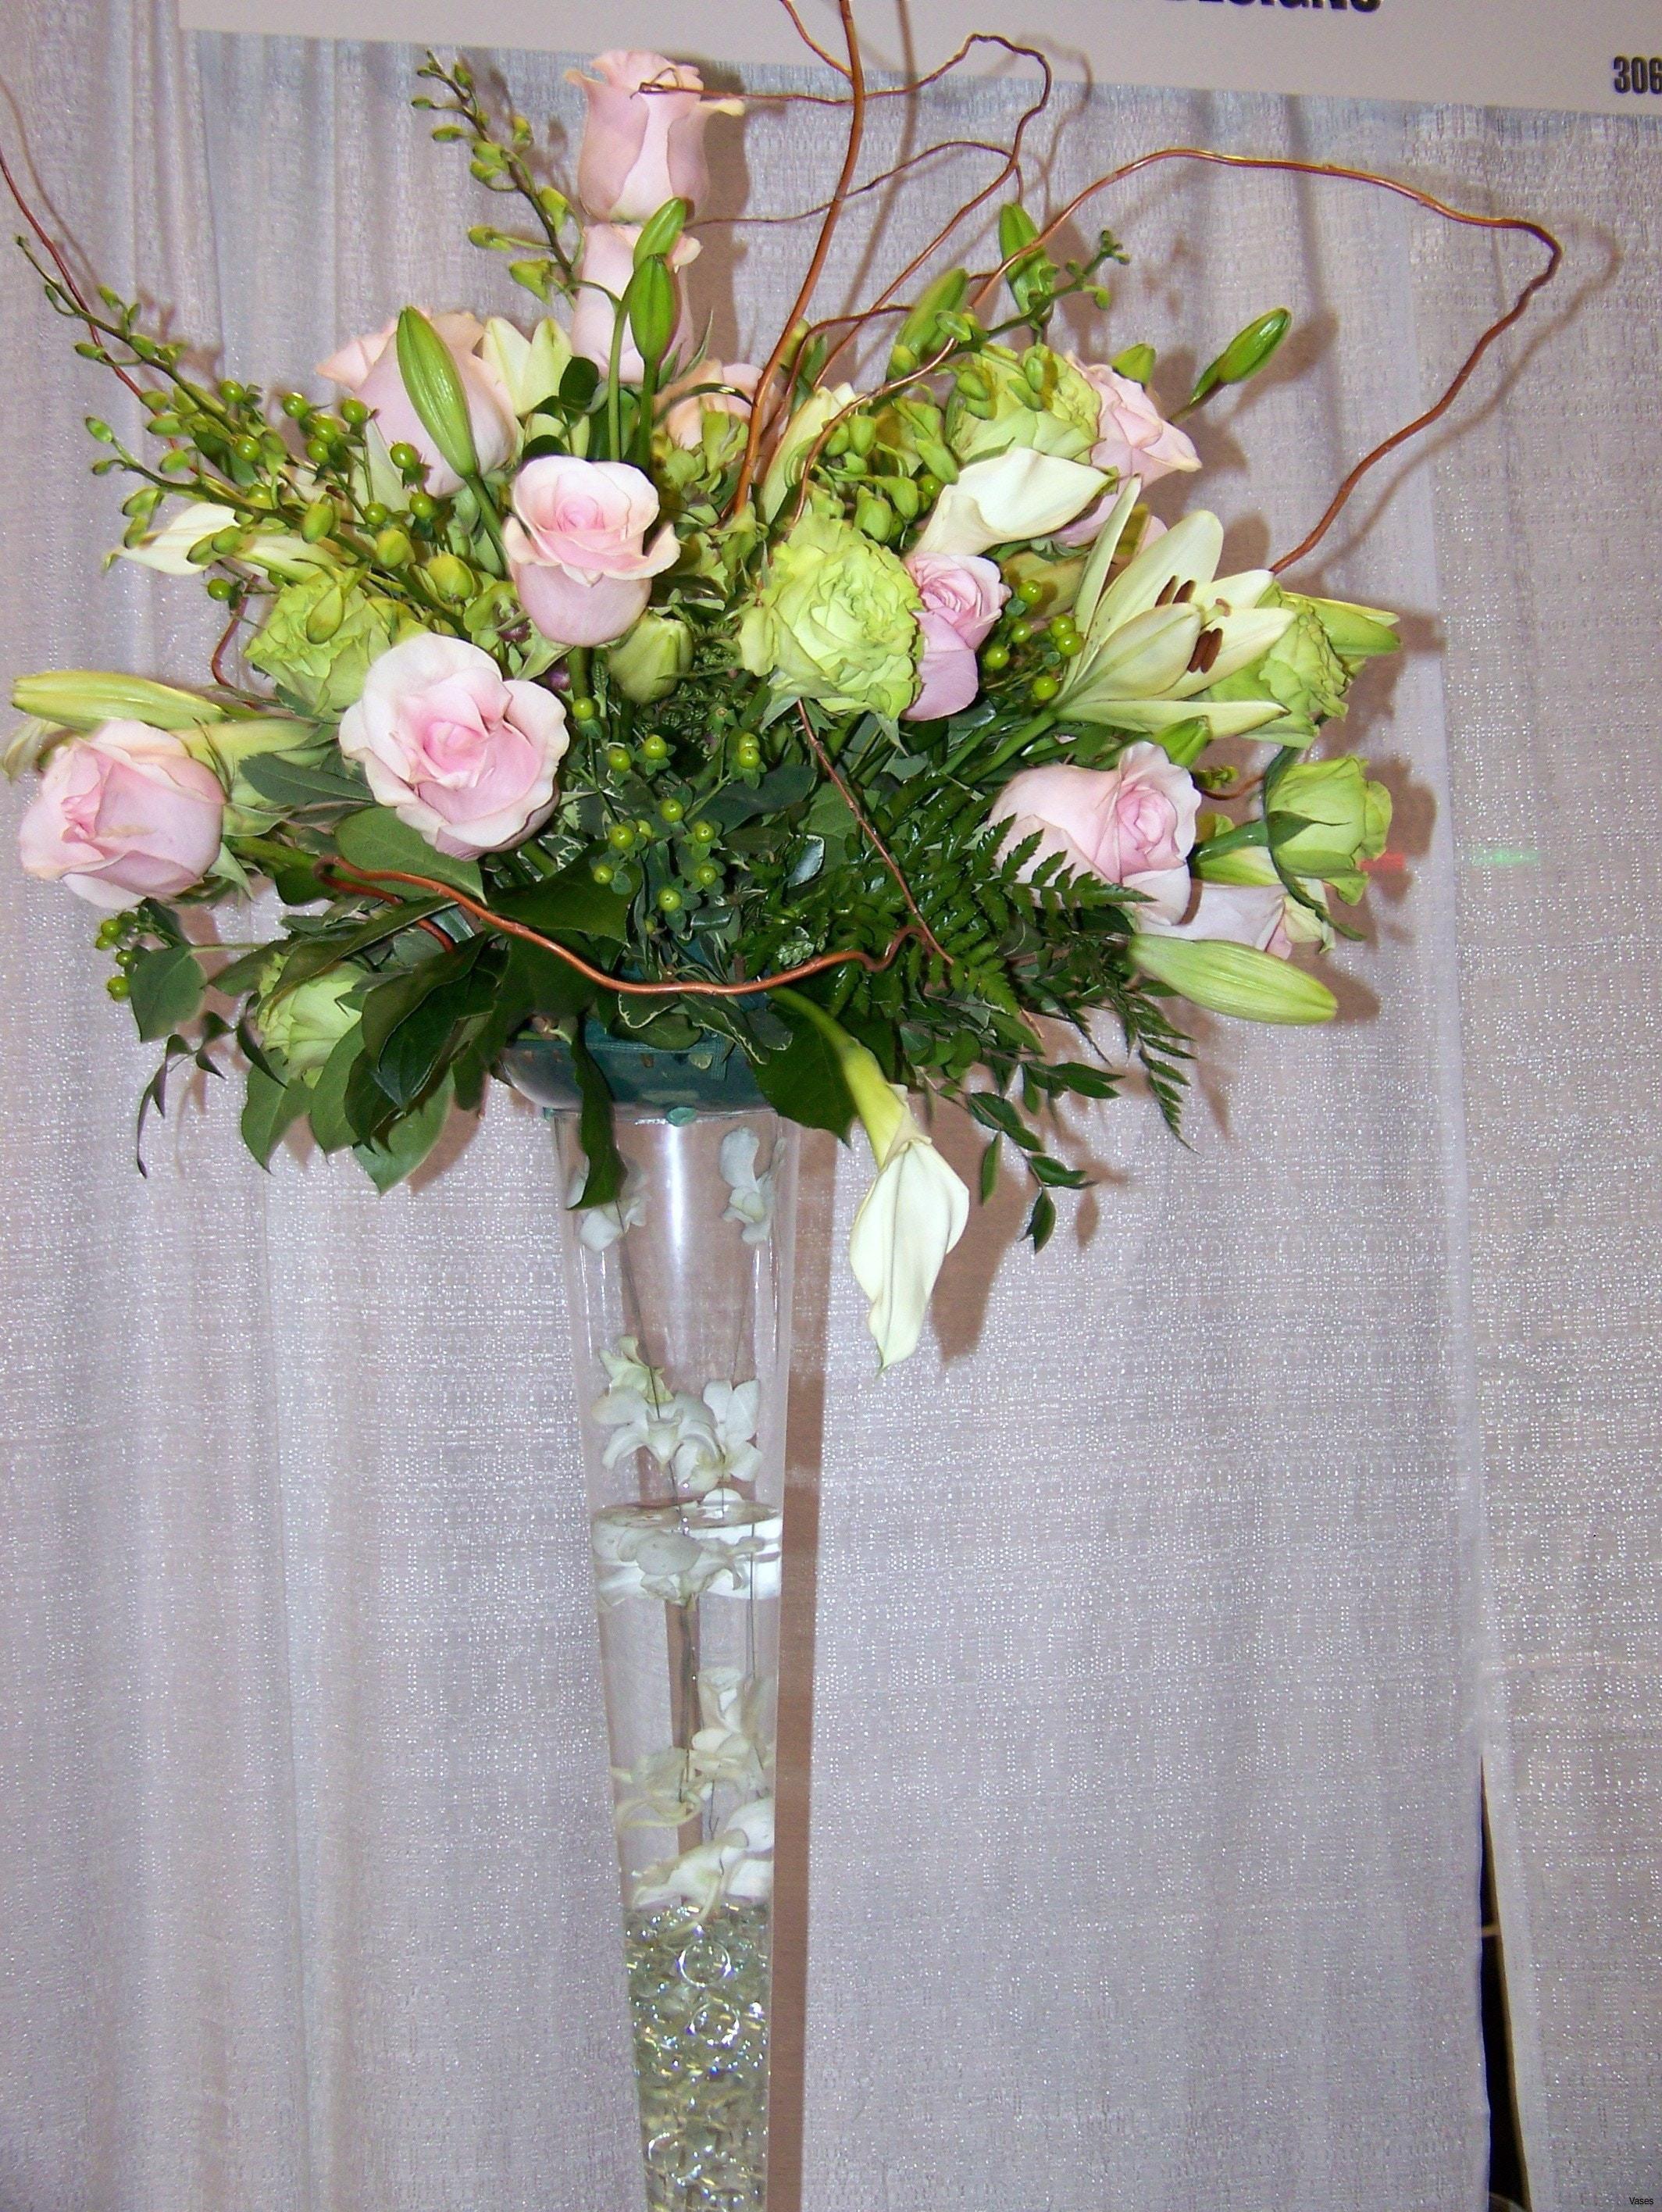 lavender flower vase of deco table princesse nouveau h vases ideas for floral arrangements pertaining to deco table princesse nouveau h vases ideas for floral arrangements in i 0d design ide